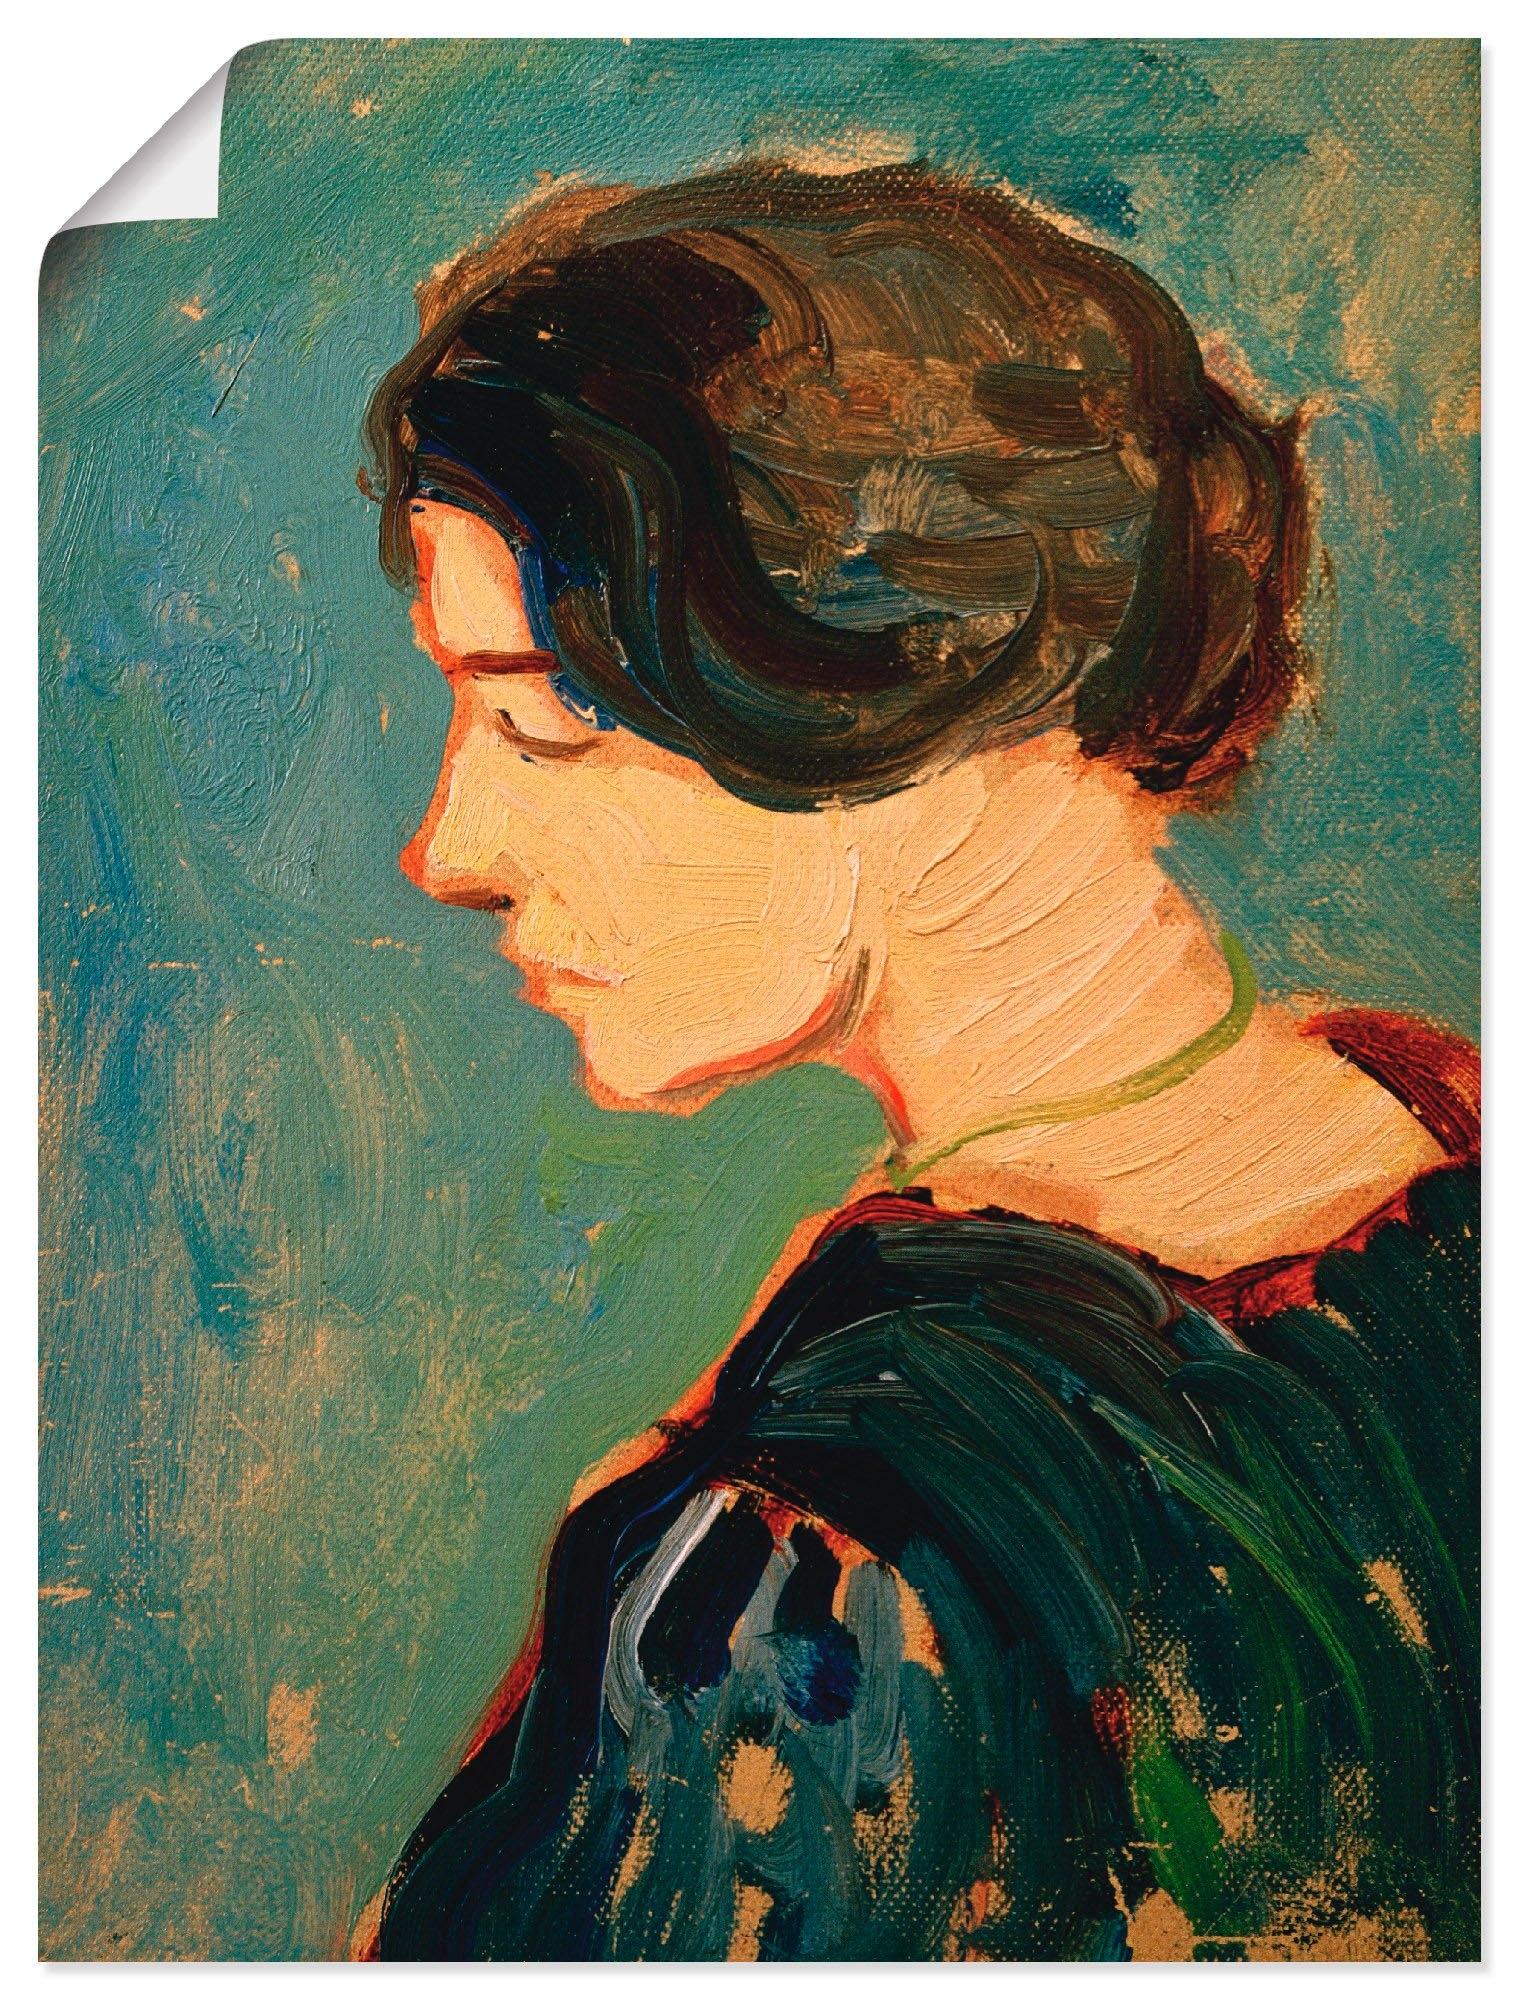 Artland artprint Elisabeth Macke, studiehoofd in vele afmetingen & productsoorten -artprint op linnen, poster, muursticker / wandfolie ook geschikt voor de badkamer (1 stuk) - verschillende betaalmethodes